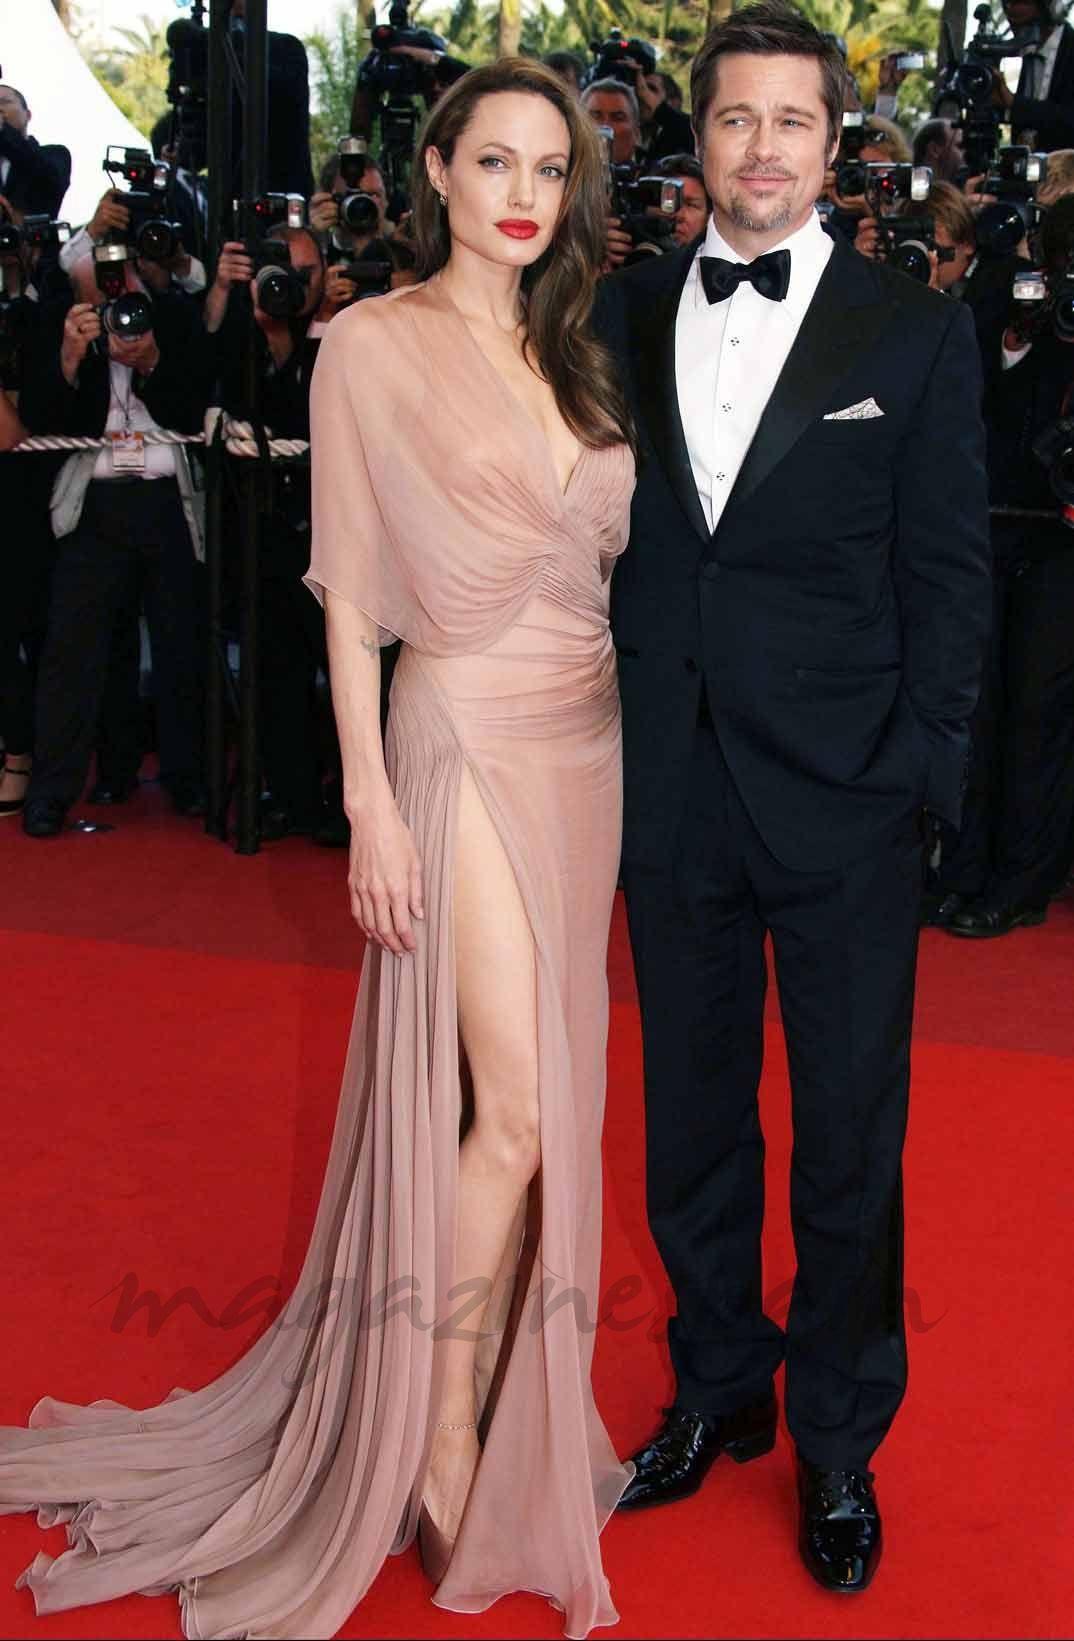 El vestido de novia de Angelina Jolie | Angelina jolie, Los vestidos ...